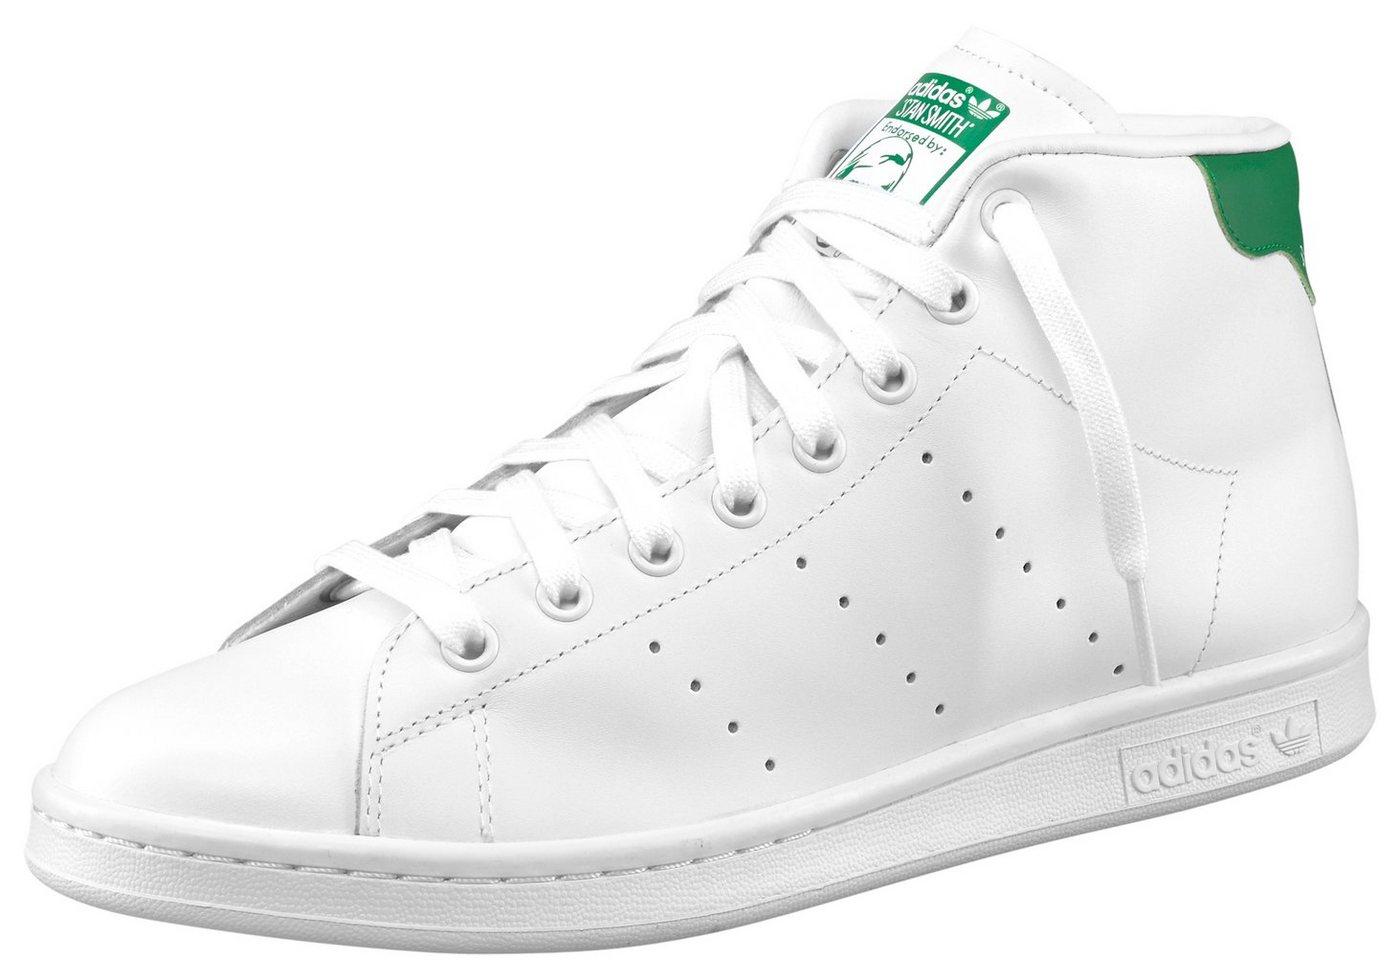 ADIDAS ORIGINALS Sneakers Stan Smith Mid